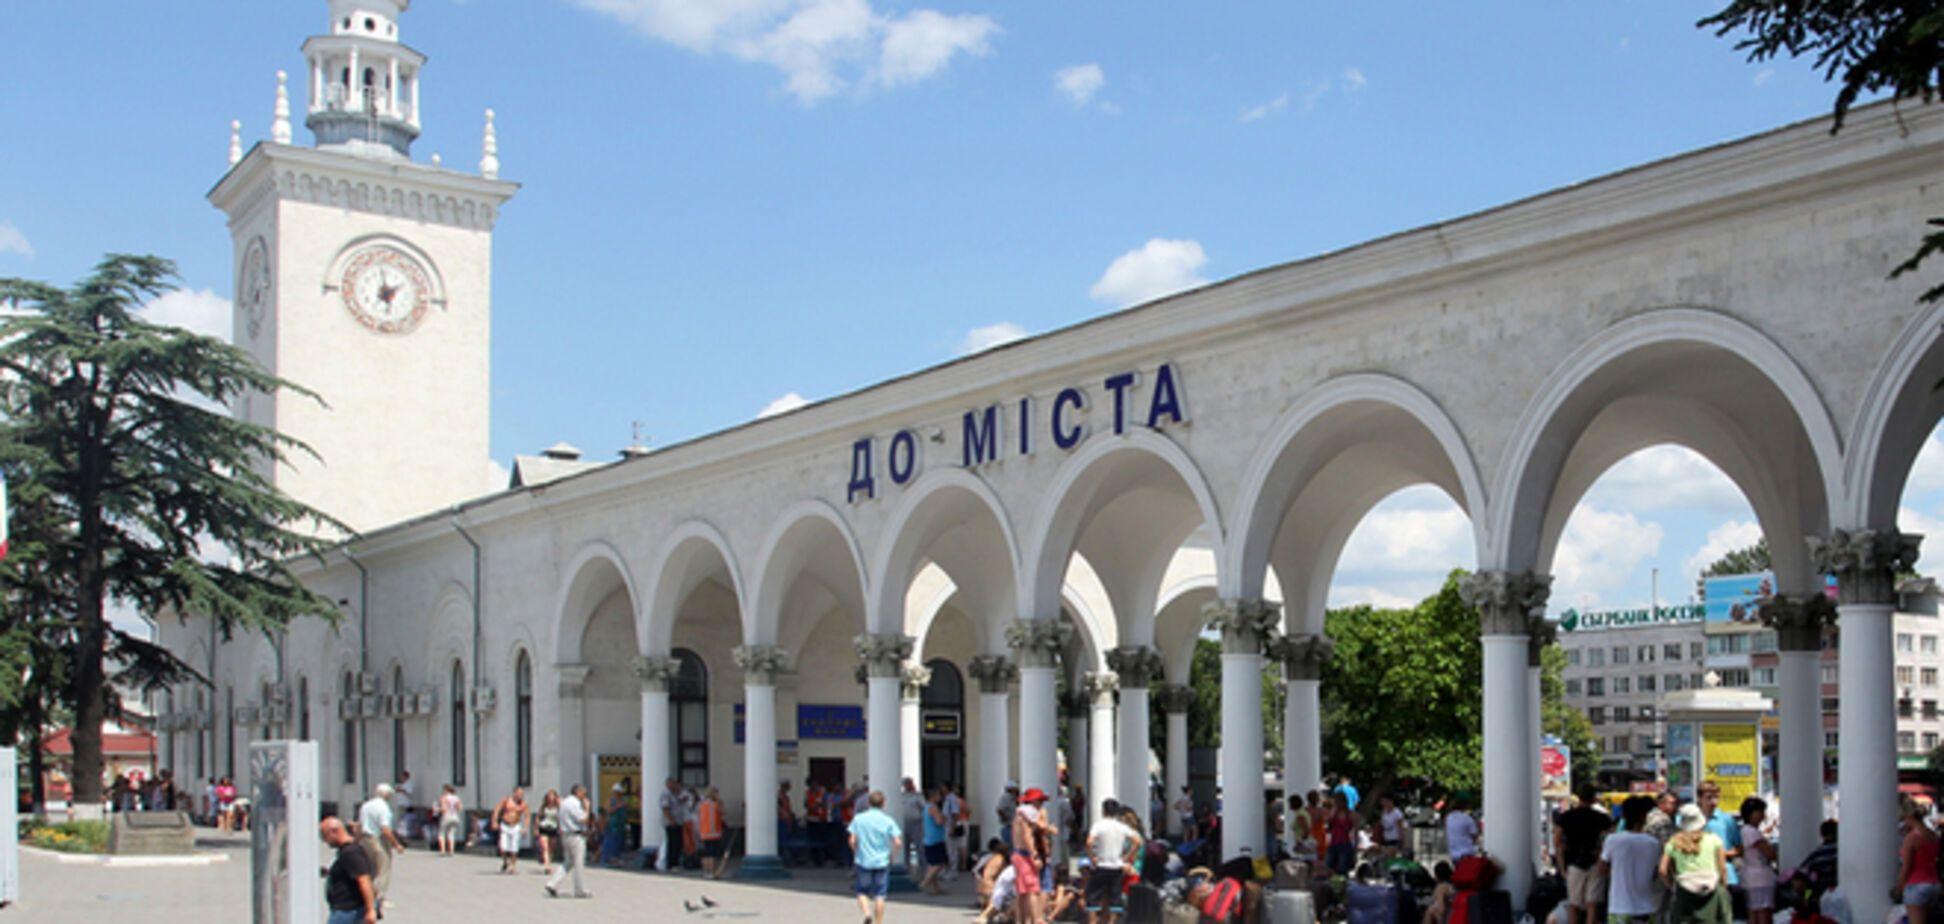 Киевляне раскупили почти все билеты в Крым